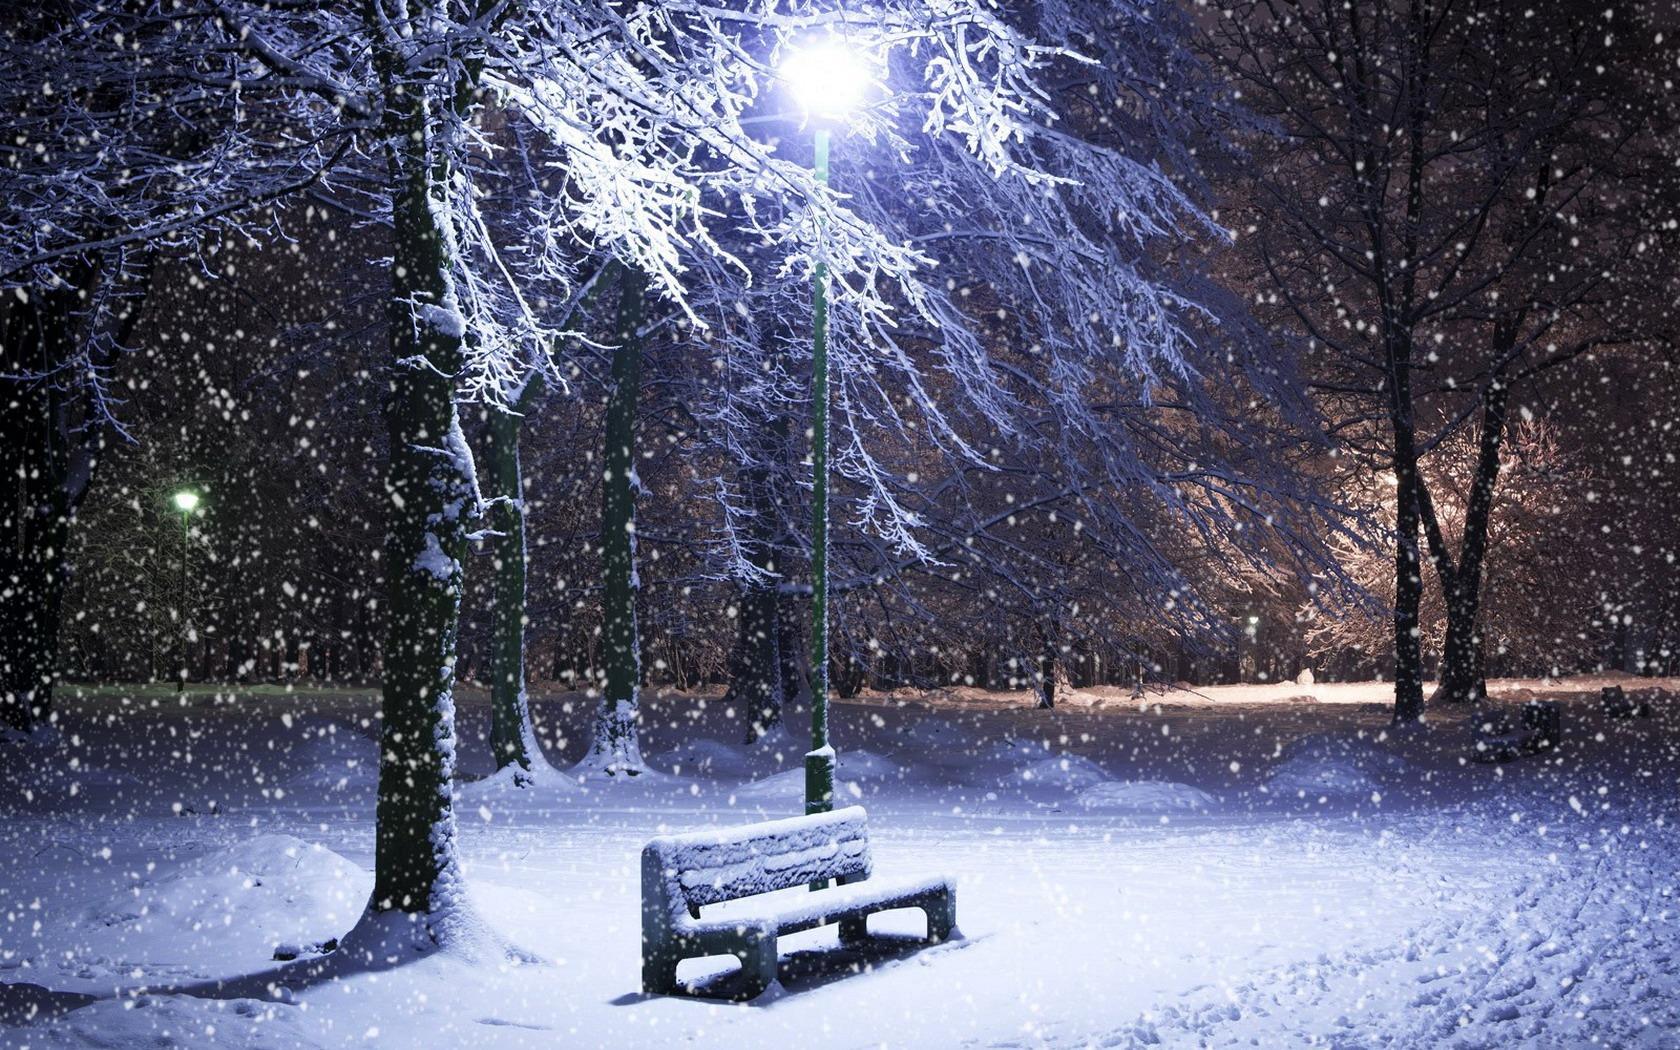 Обои снег вечер деревья автомобиль новый год зима